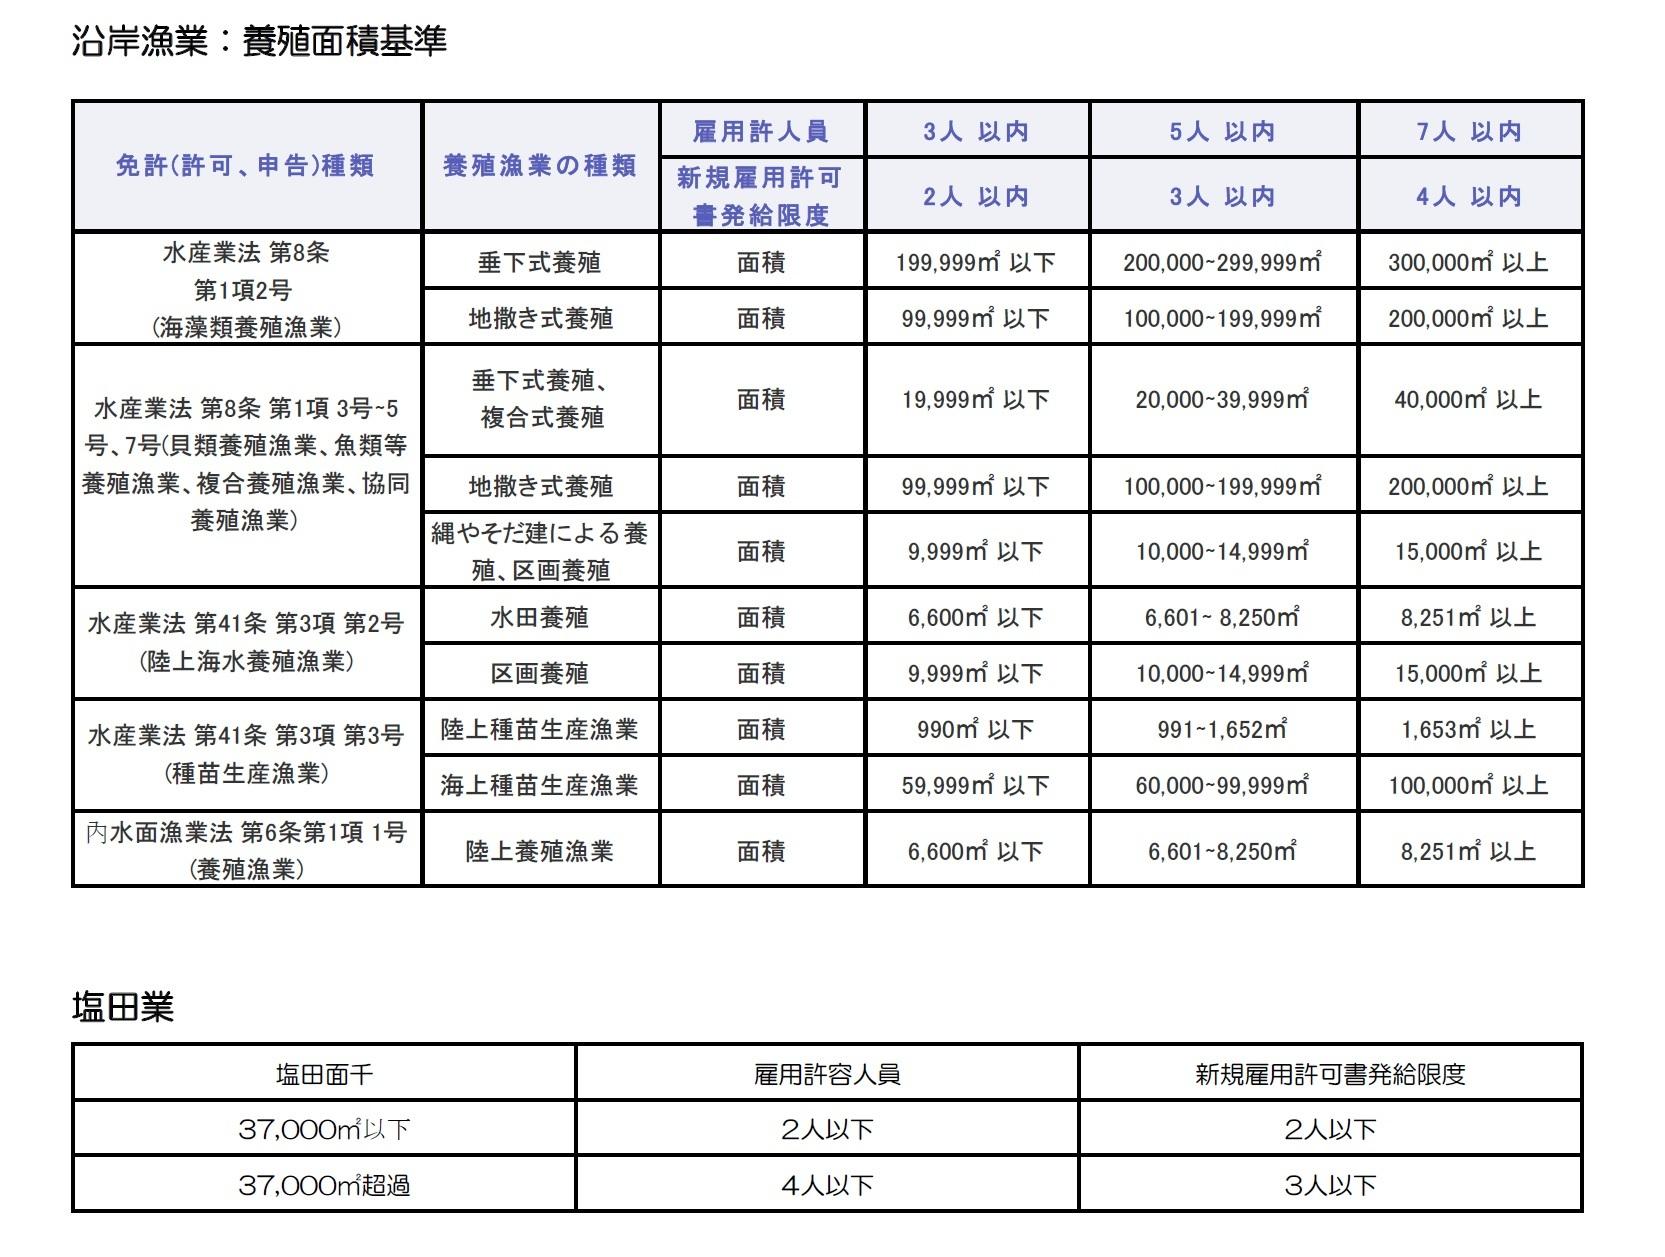 図表8 業種別雇用許容人員と新規雇用許可書発給限度・沿岸漁業:養殖面積基準/塩田業